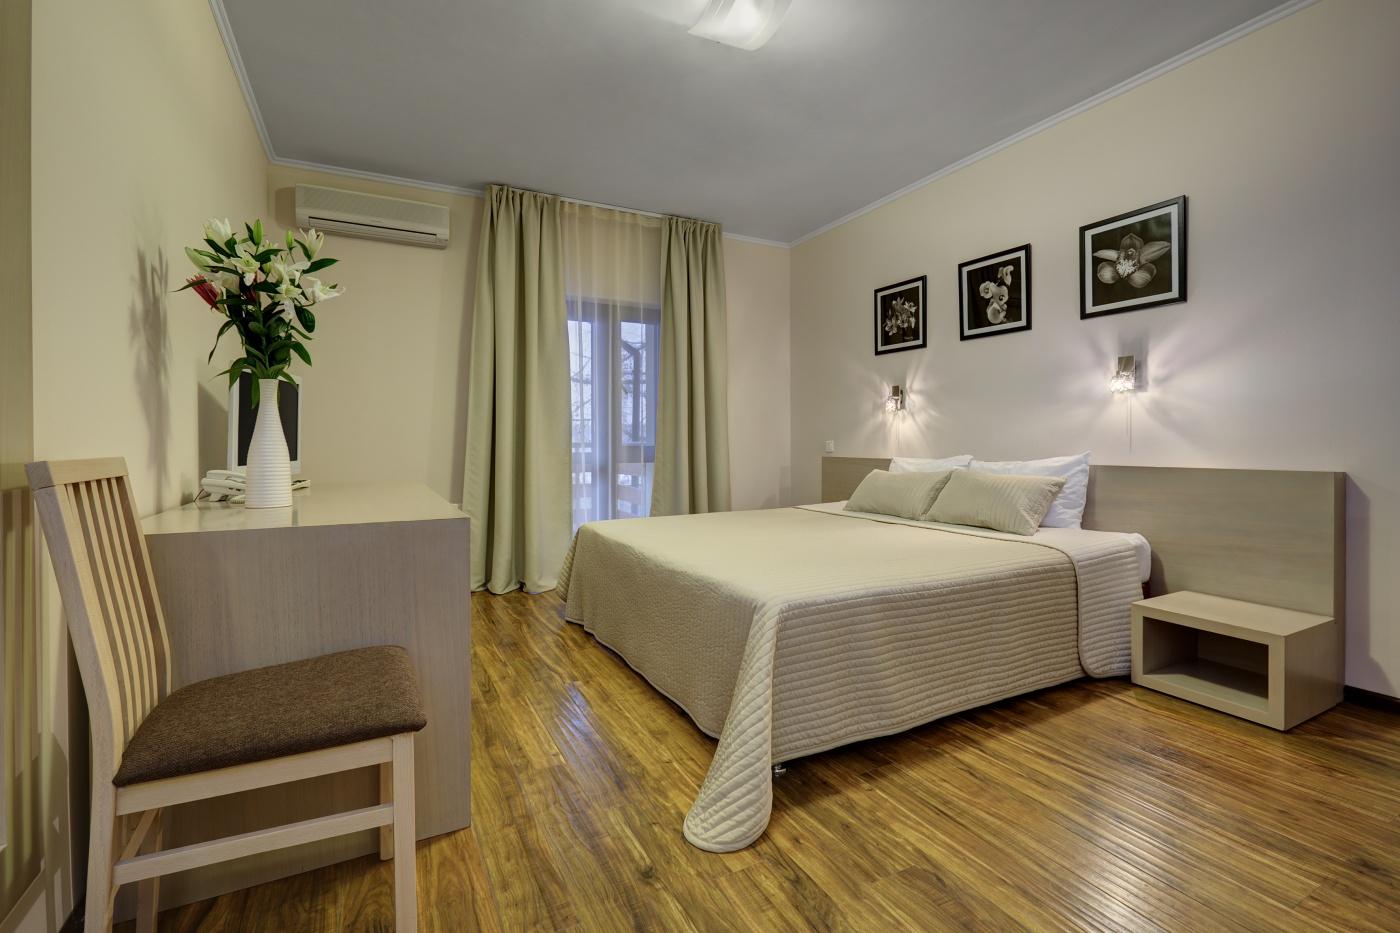 Загородный отель «Valesko Hotel & Spa» Московская область 2-комнатный 2-местный номер «Комфорт» (корпус 2, 3), фото 3